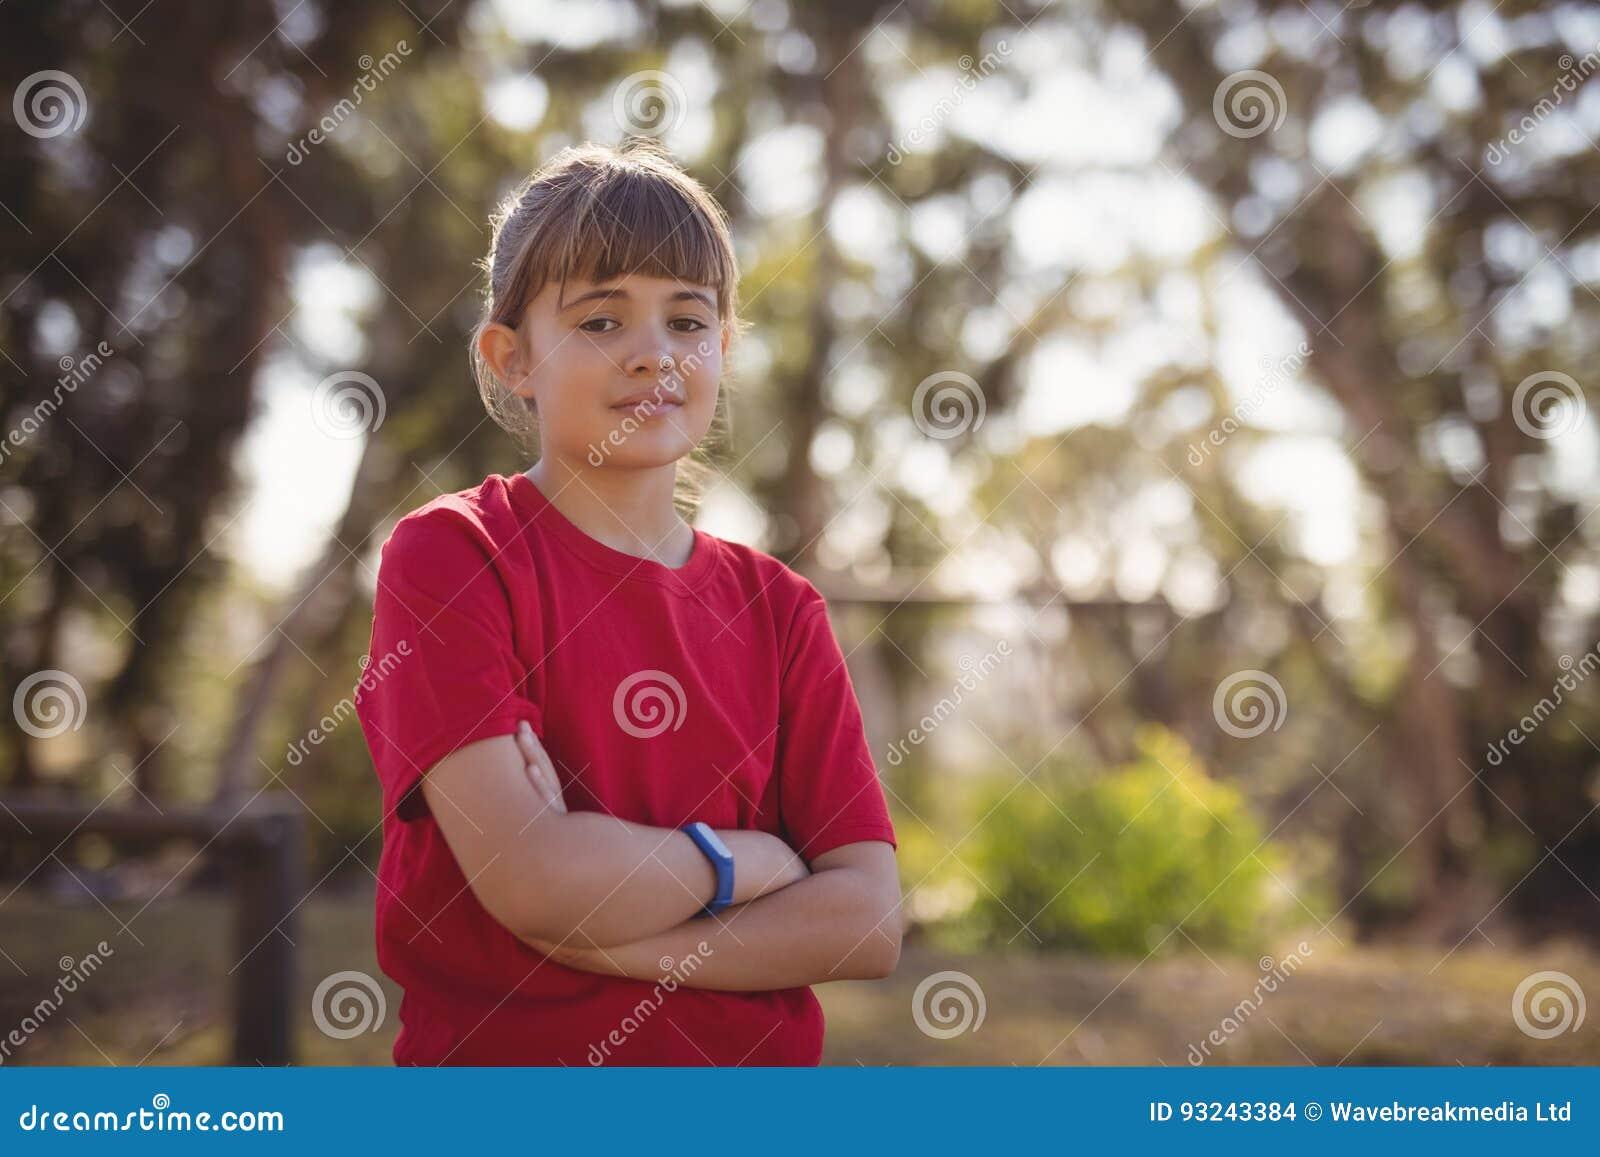 Stående av det säkra flickaanseendet med korsade armar